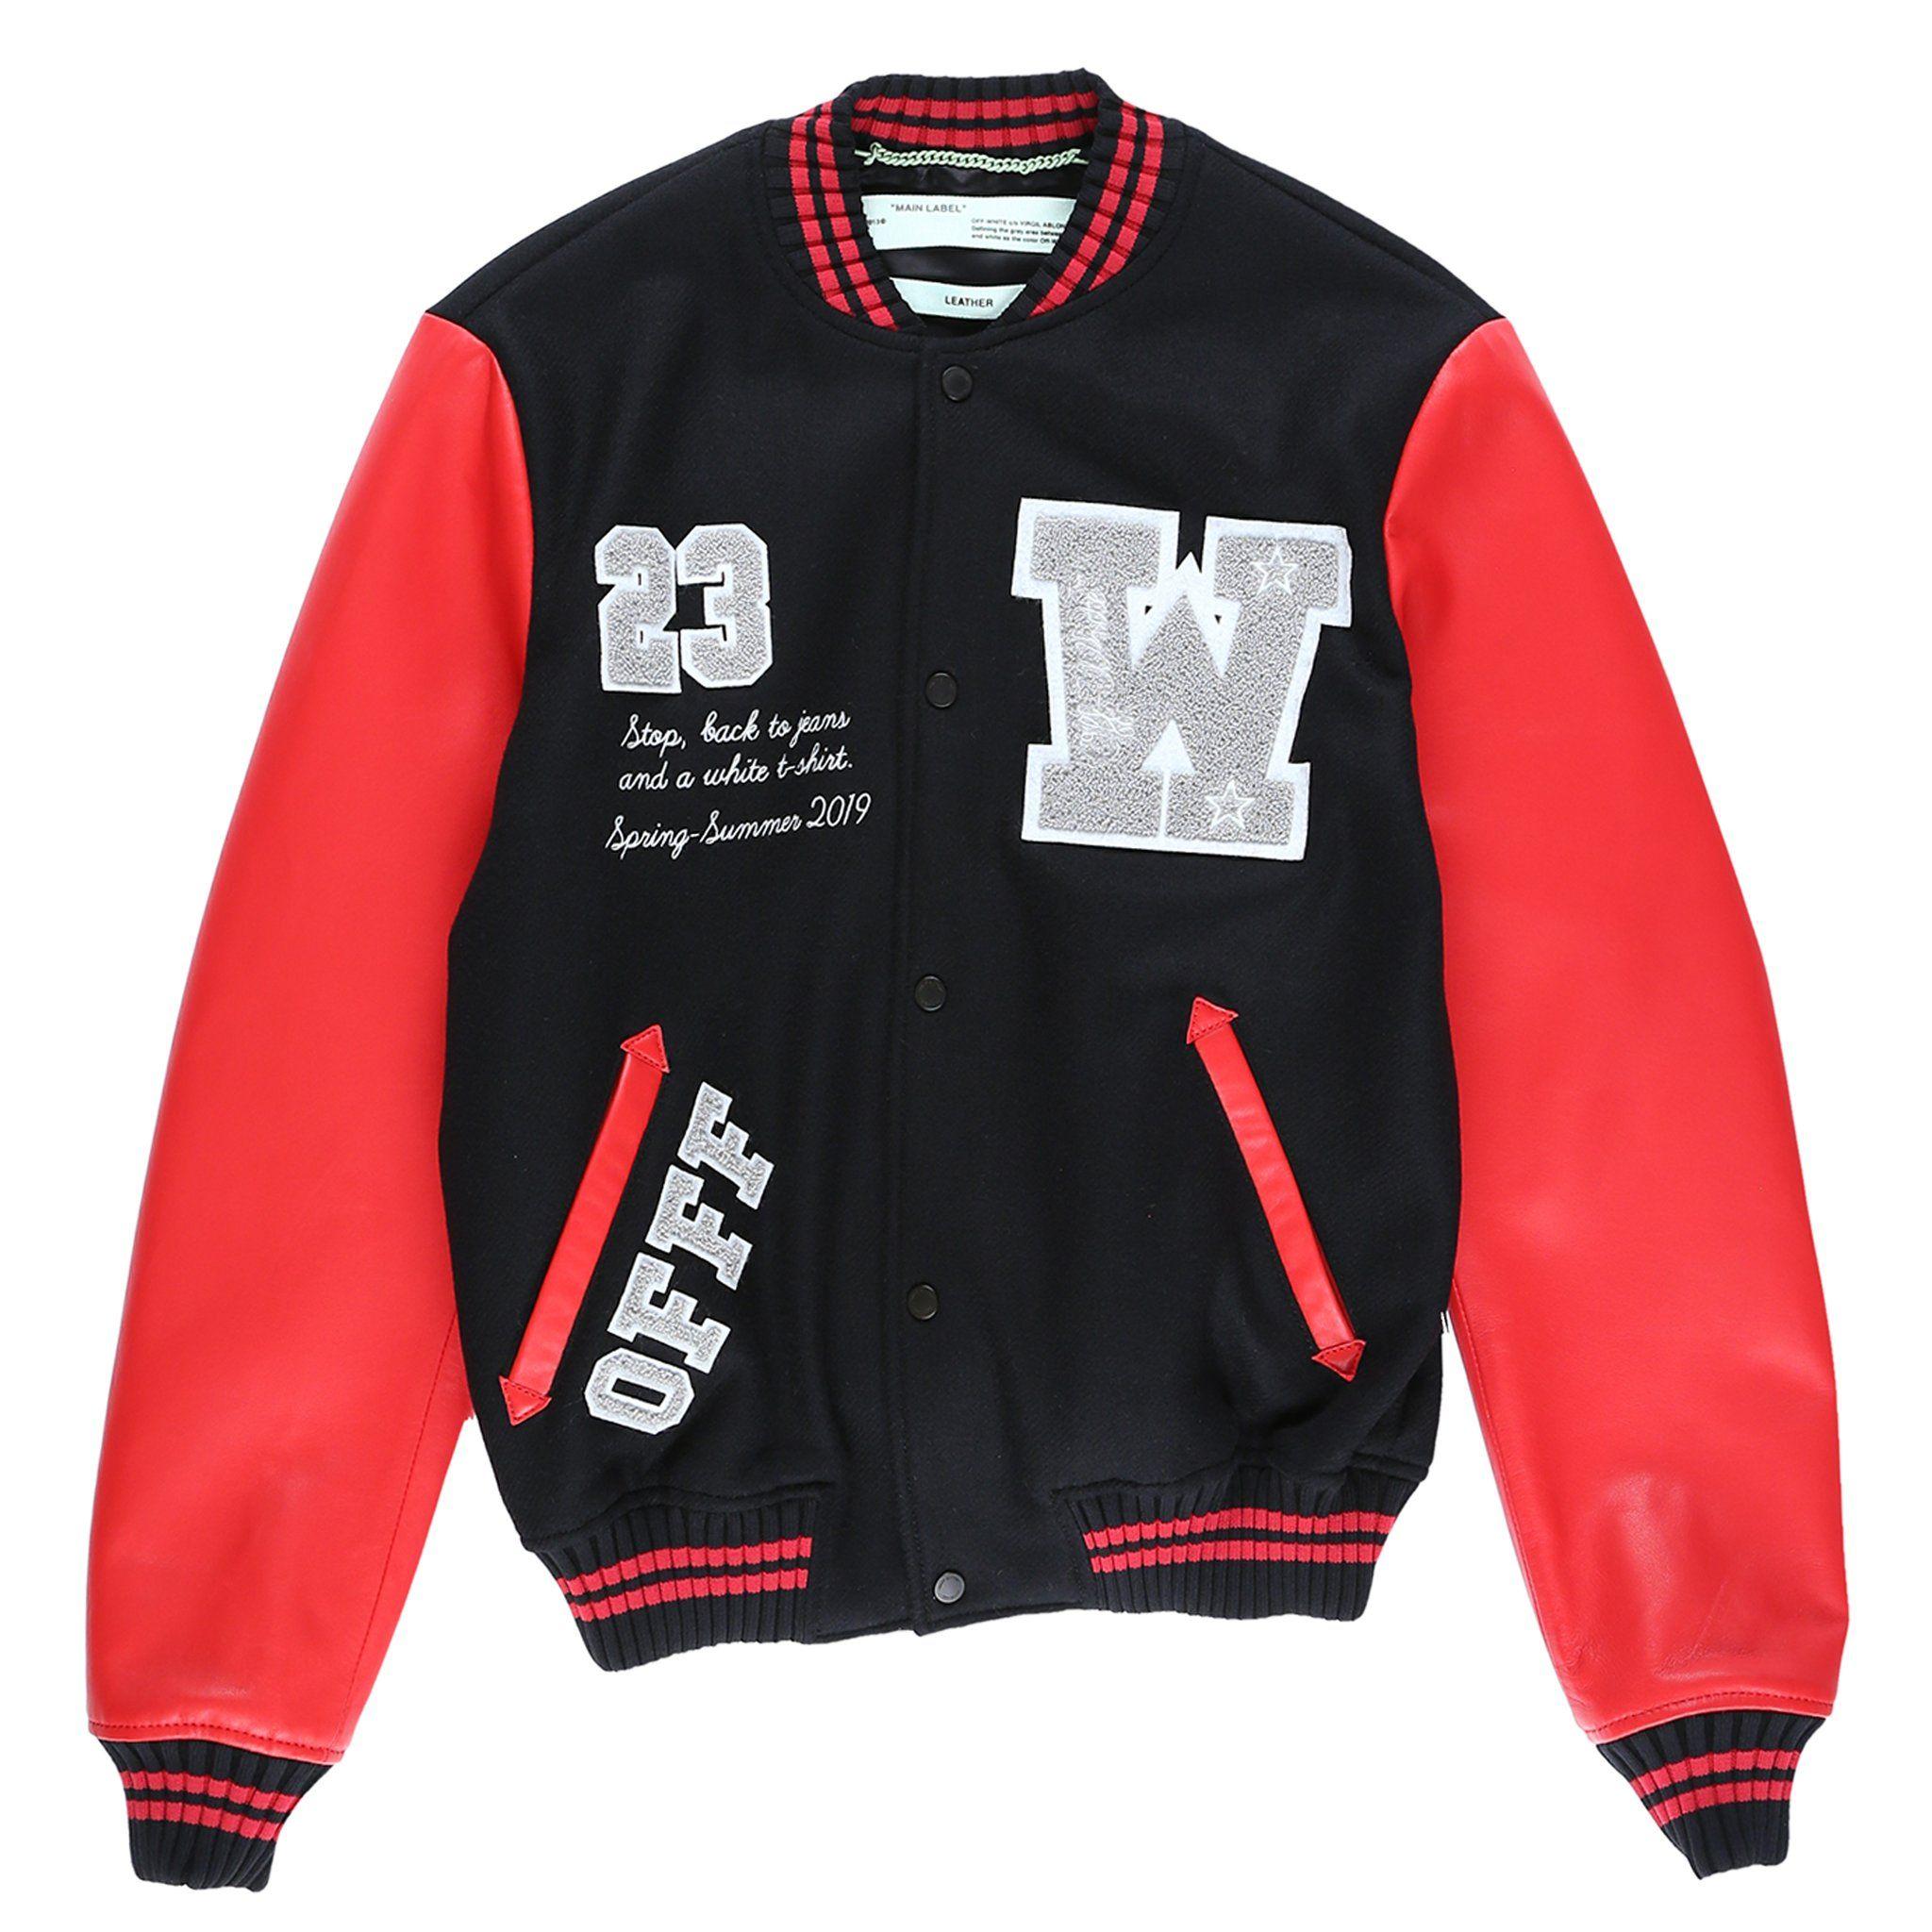 679 5 Off White Jacket Eagle Logo Leather Sleeve Varsity Jacket Black Red White Offwhite Jacket Leather Clothing Varsity Jacket Leather Sleeve Jackets [ 2048 x 2048 Pixel ]